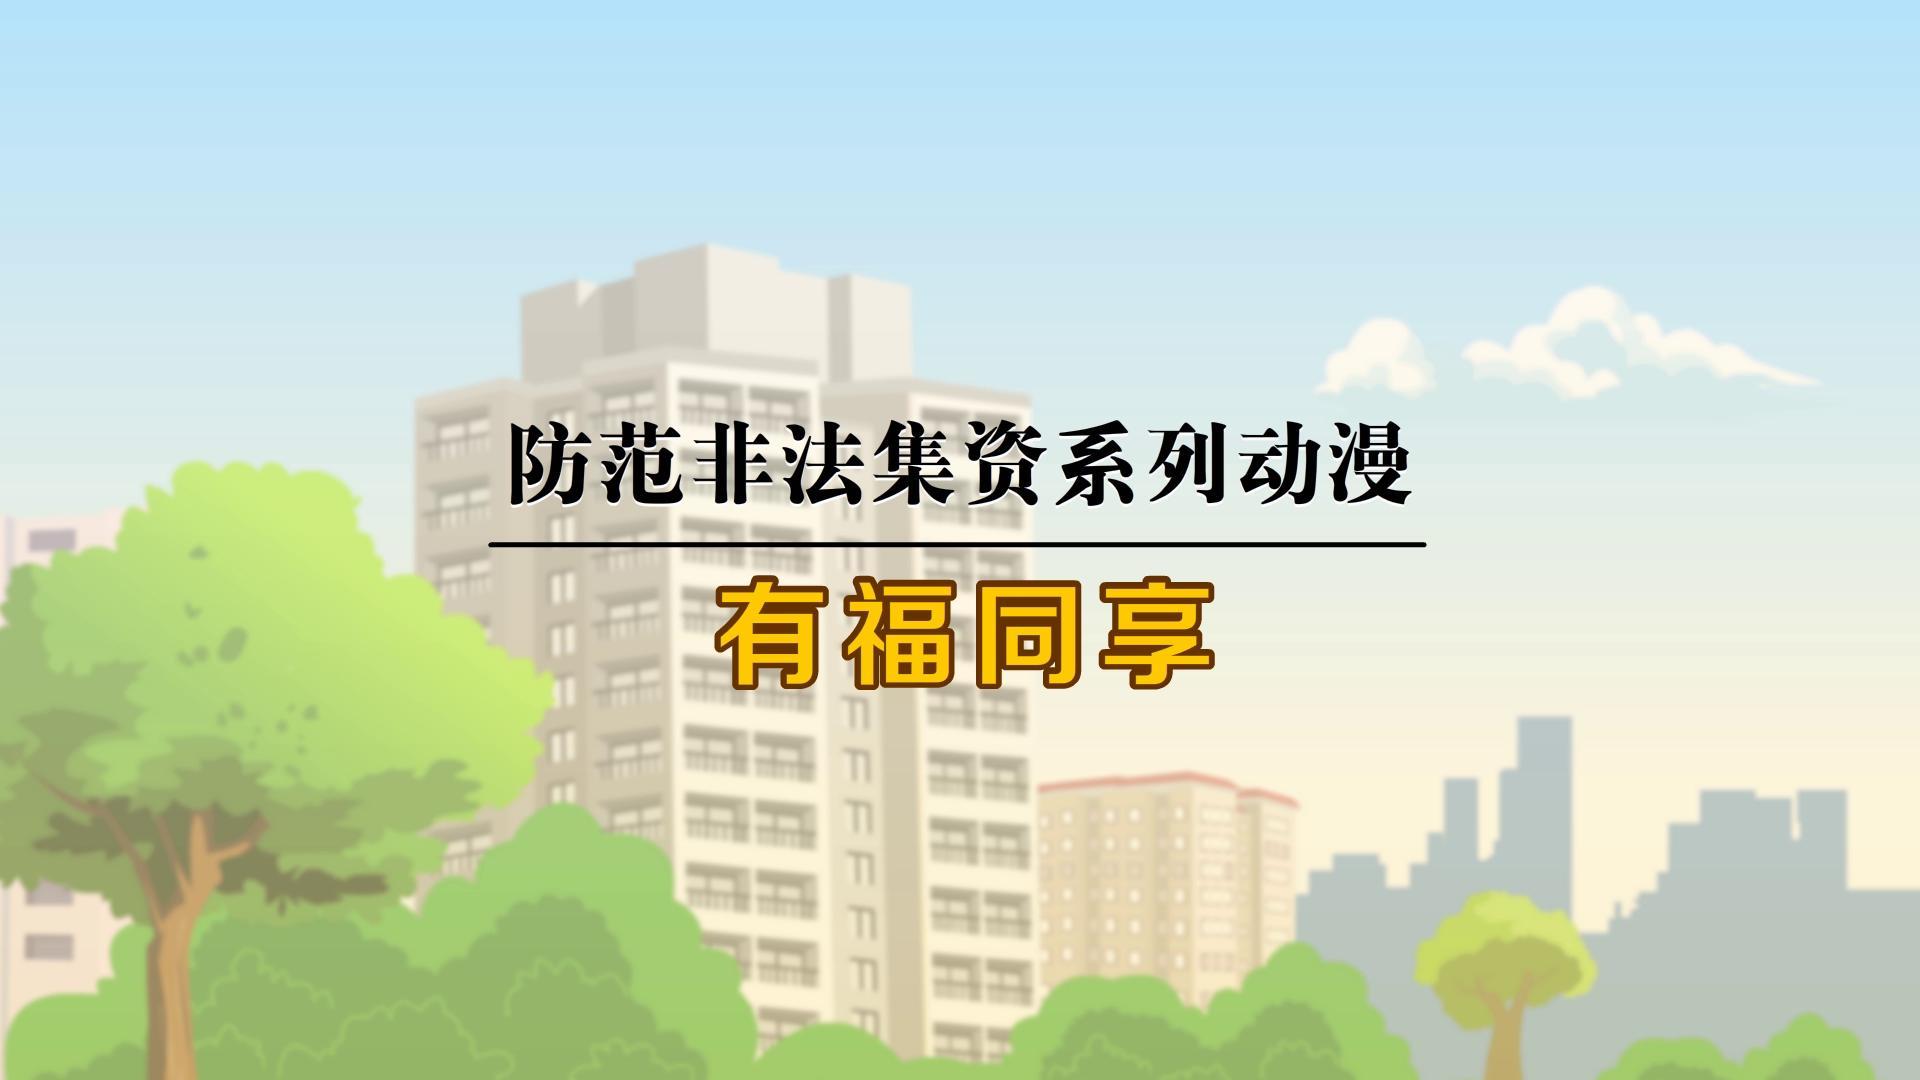 《有福同享》——防范非法集资系列动漫